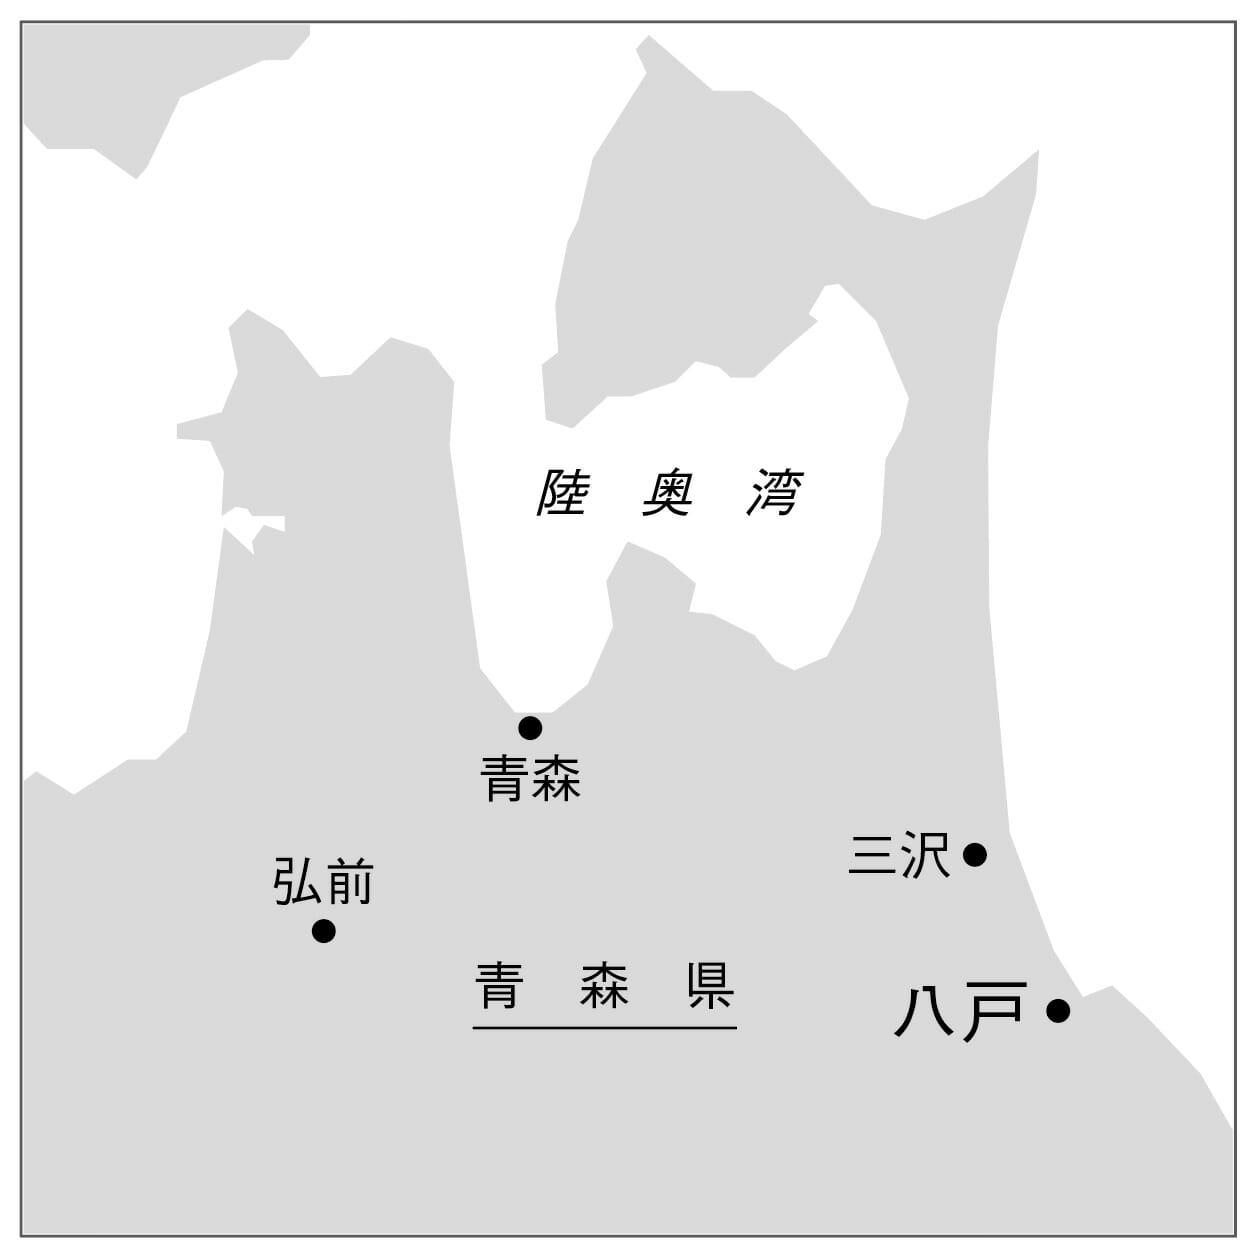 八戸の近辺マップ